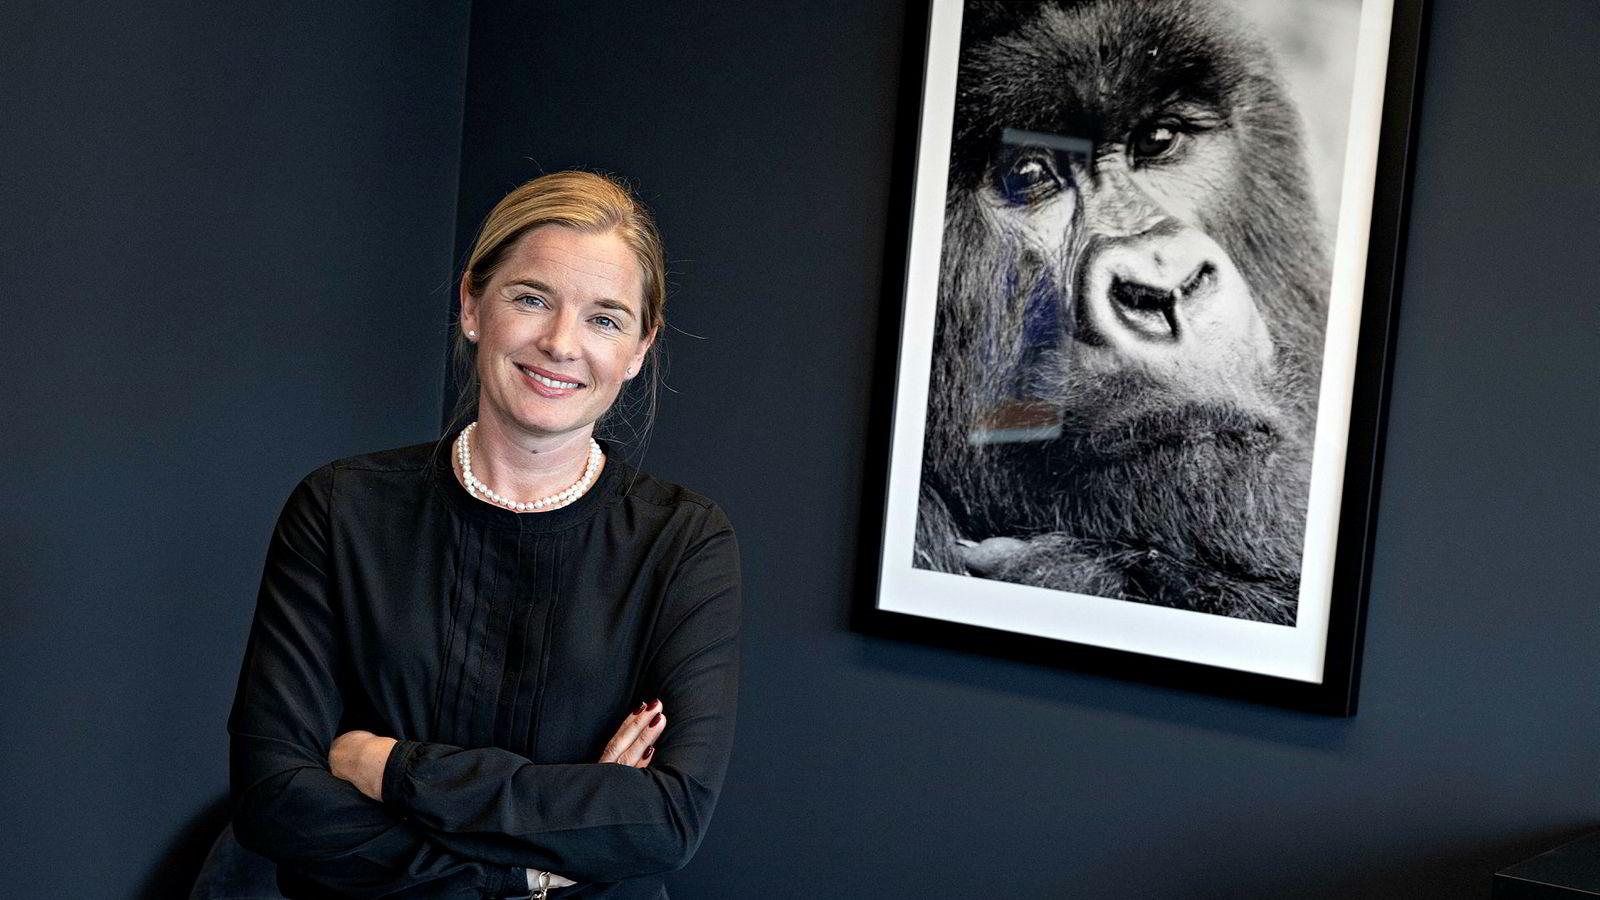 Kine Burøy-Olsen (41) en av toppene i Cubera Private Equity som snakker om den lave kvinneandelen i PE-bransjen.